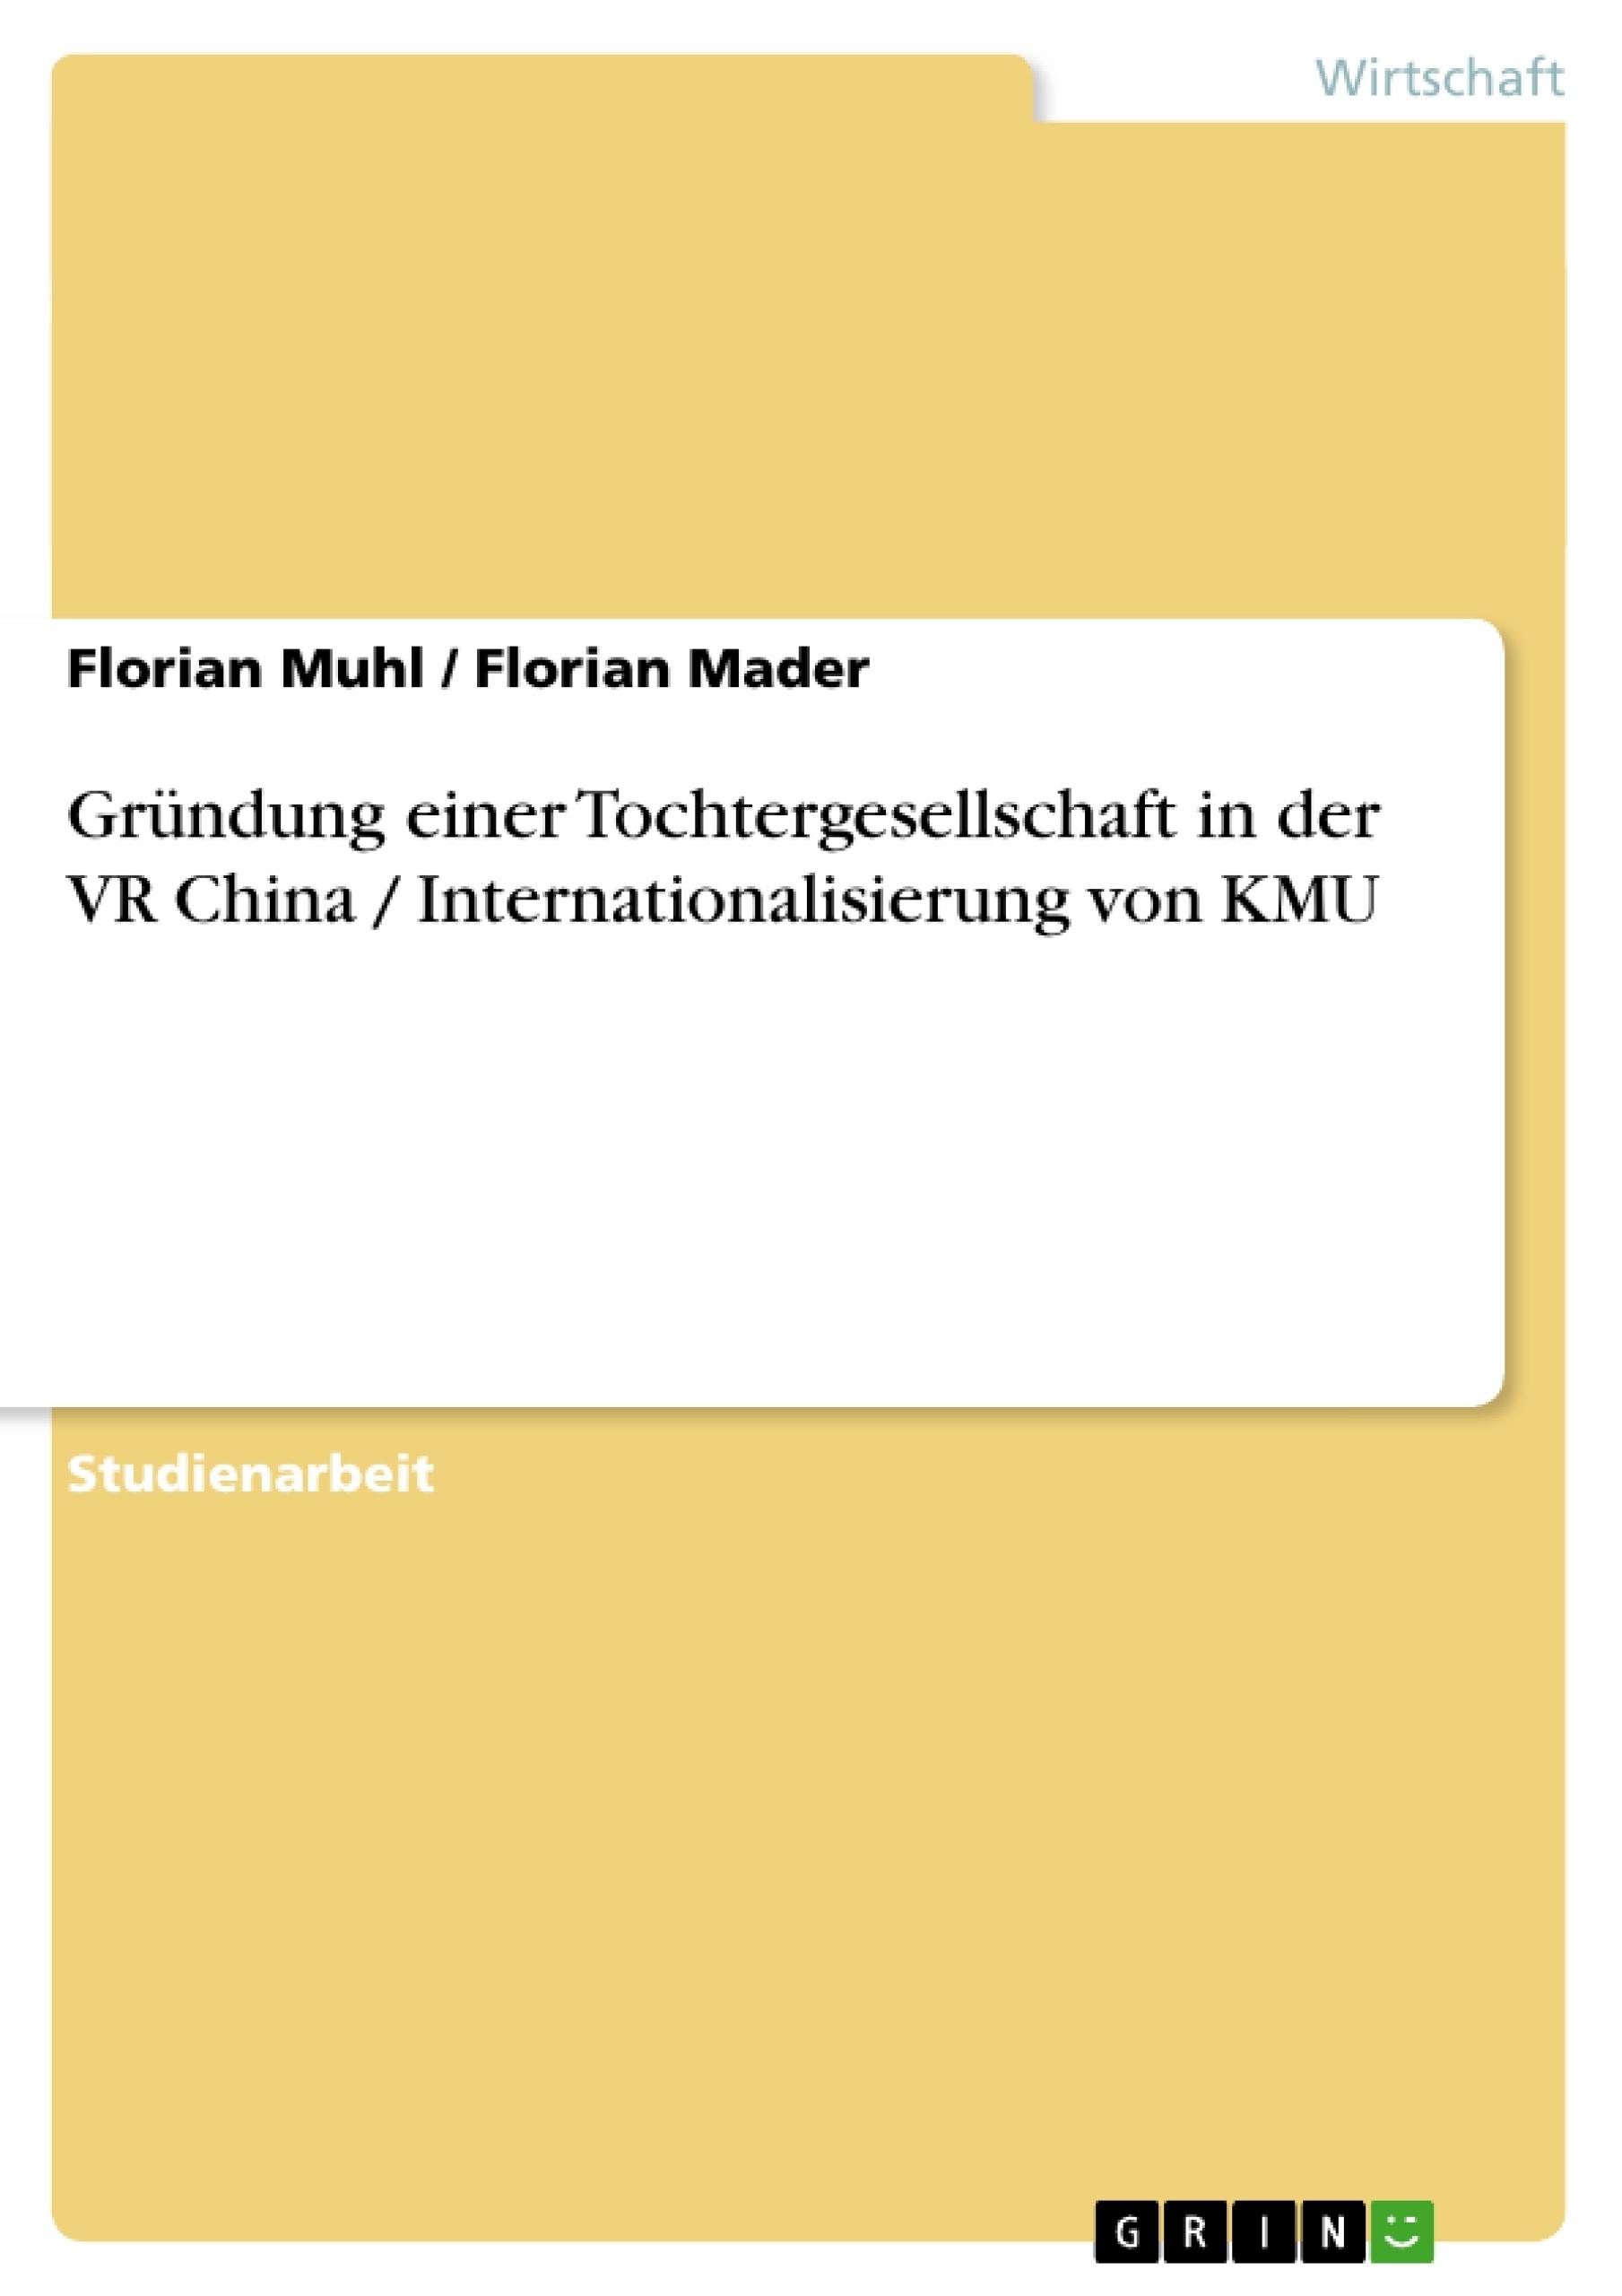 Titel: Gründung einer Tochtergesellschaft in der VR China / Internationalisierung von KMU